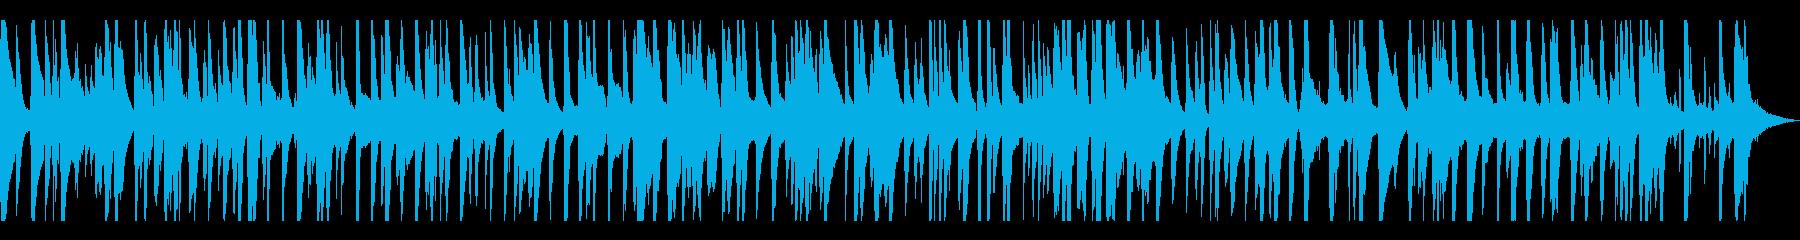 ゆったりとしてお洒落なジャズピアノトリオの再生済みの波形